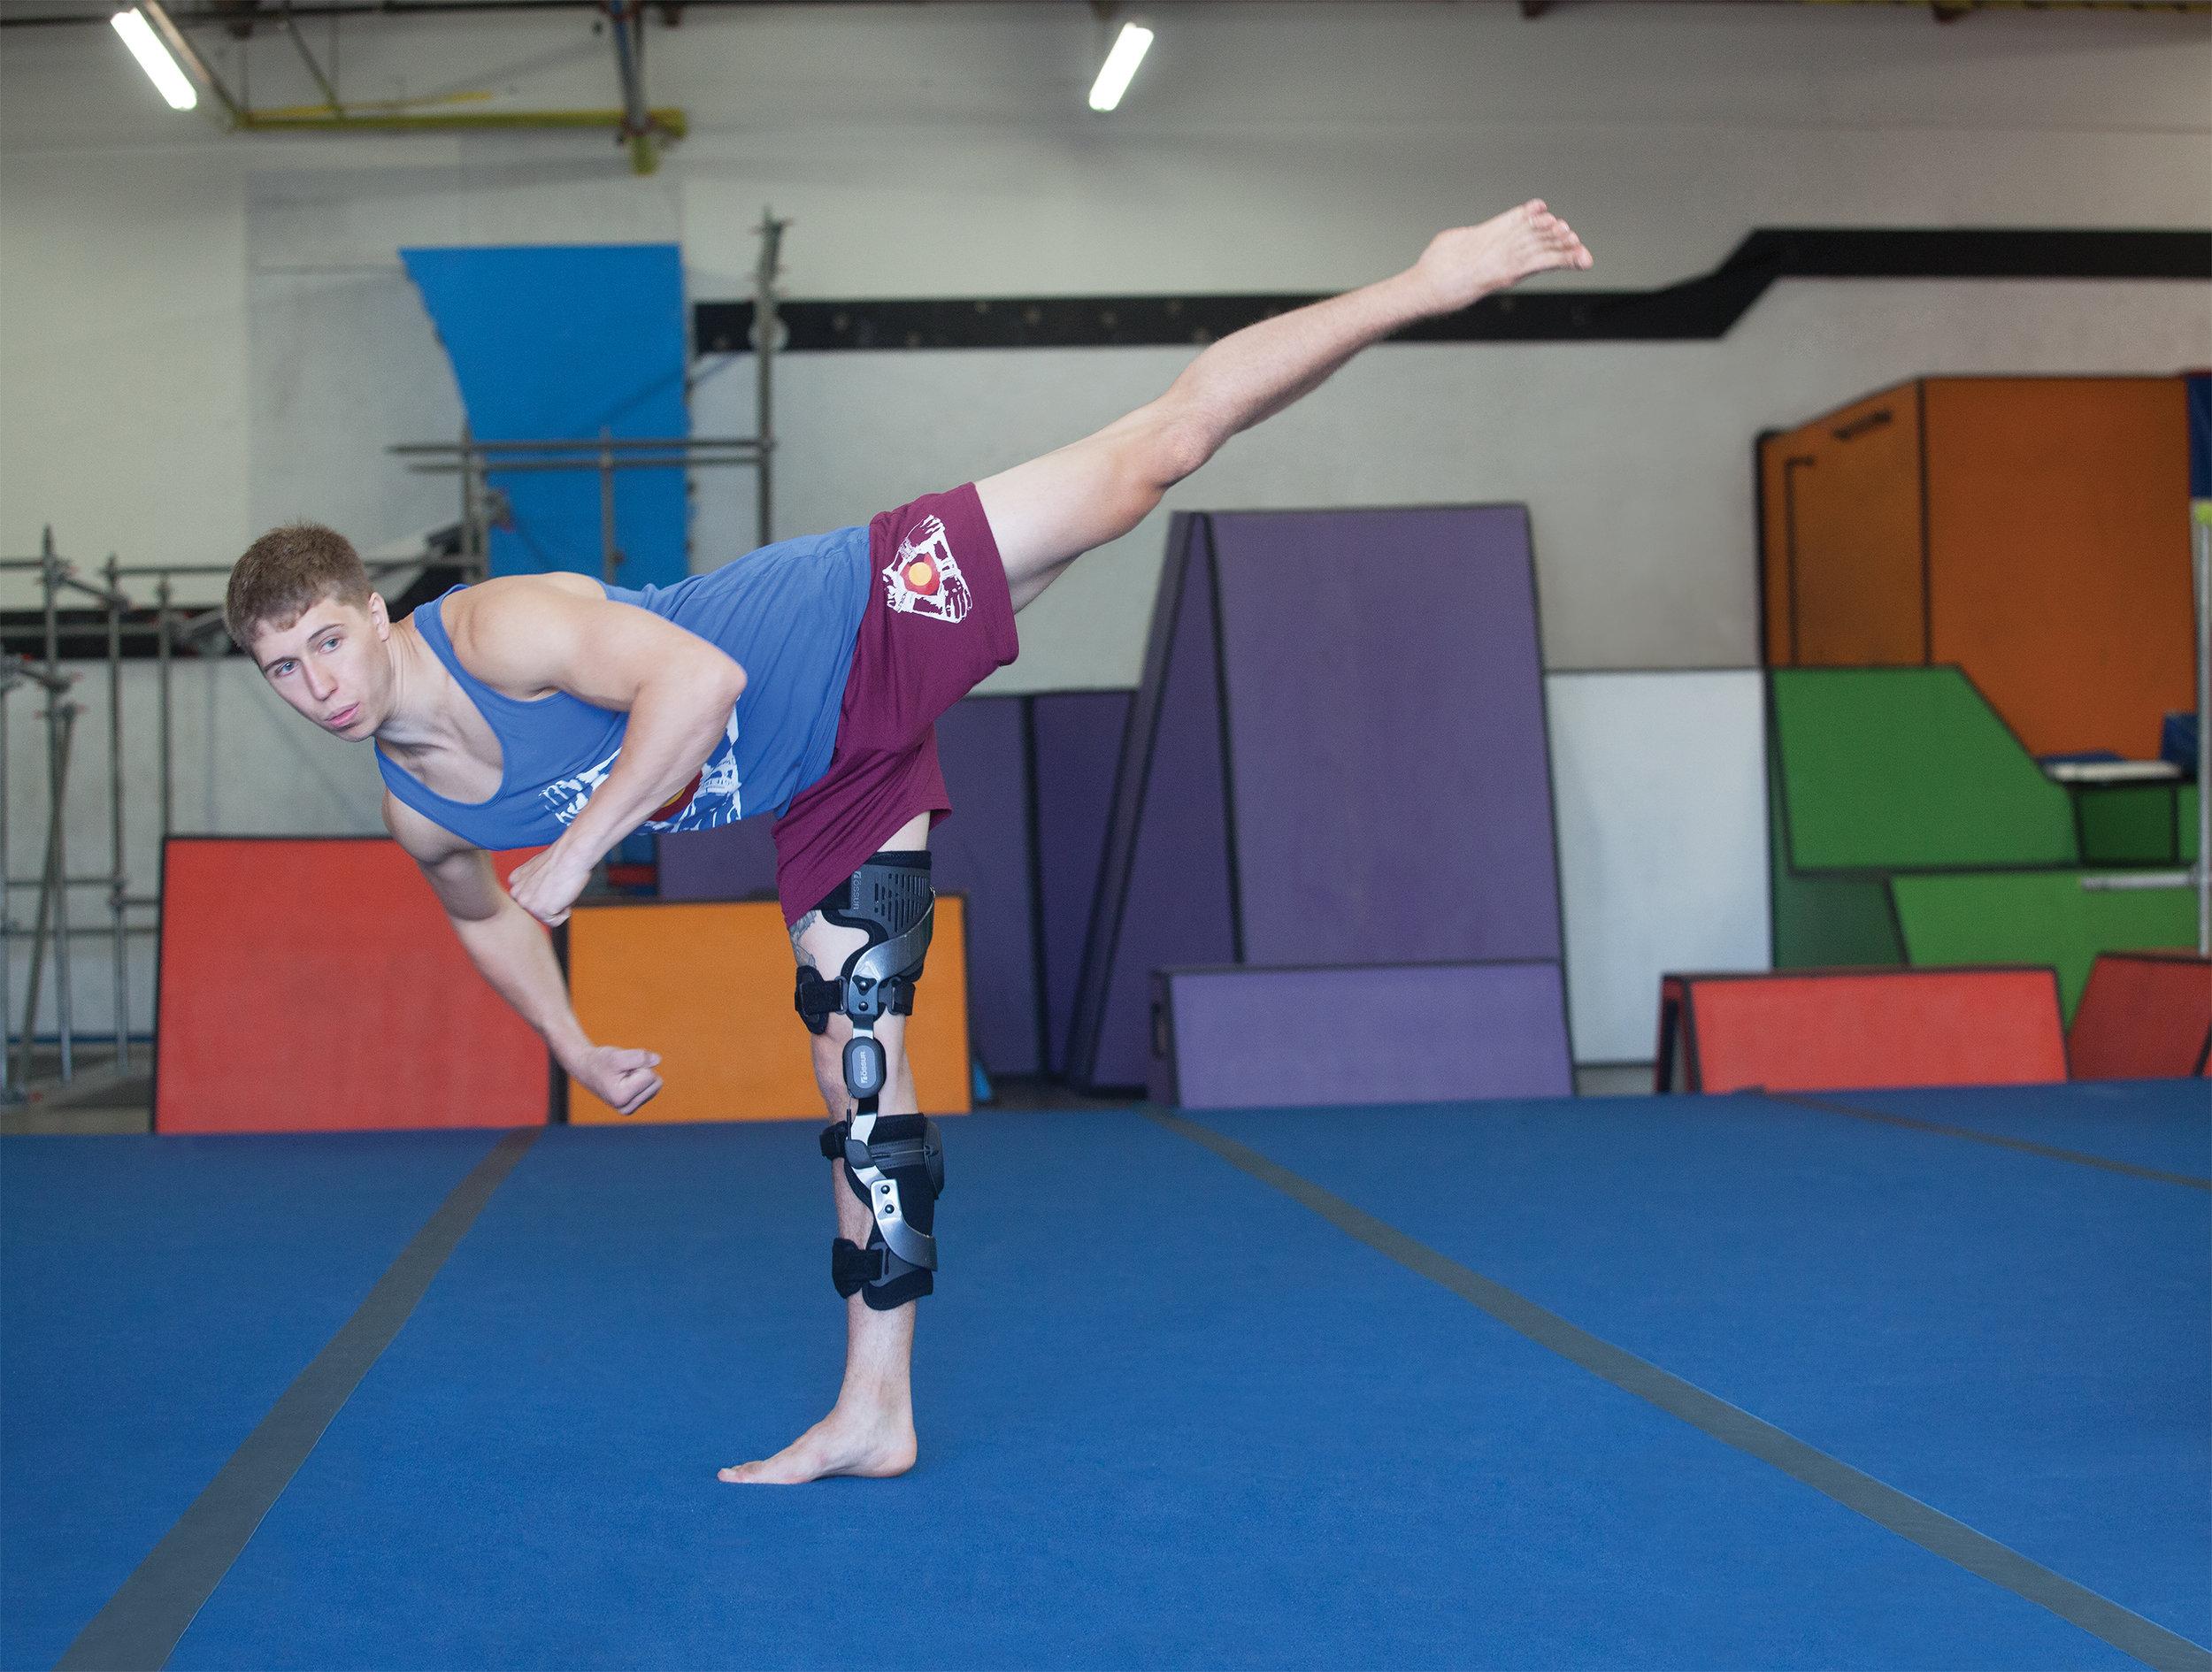 Ossur Rebound PCL Knee Orthosis